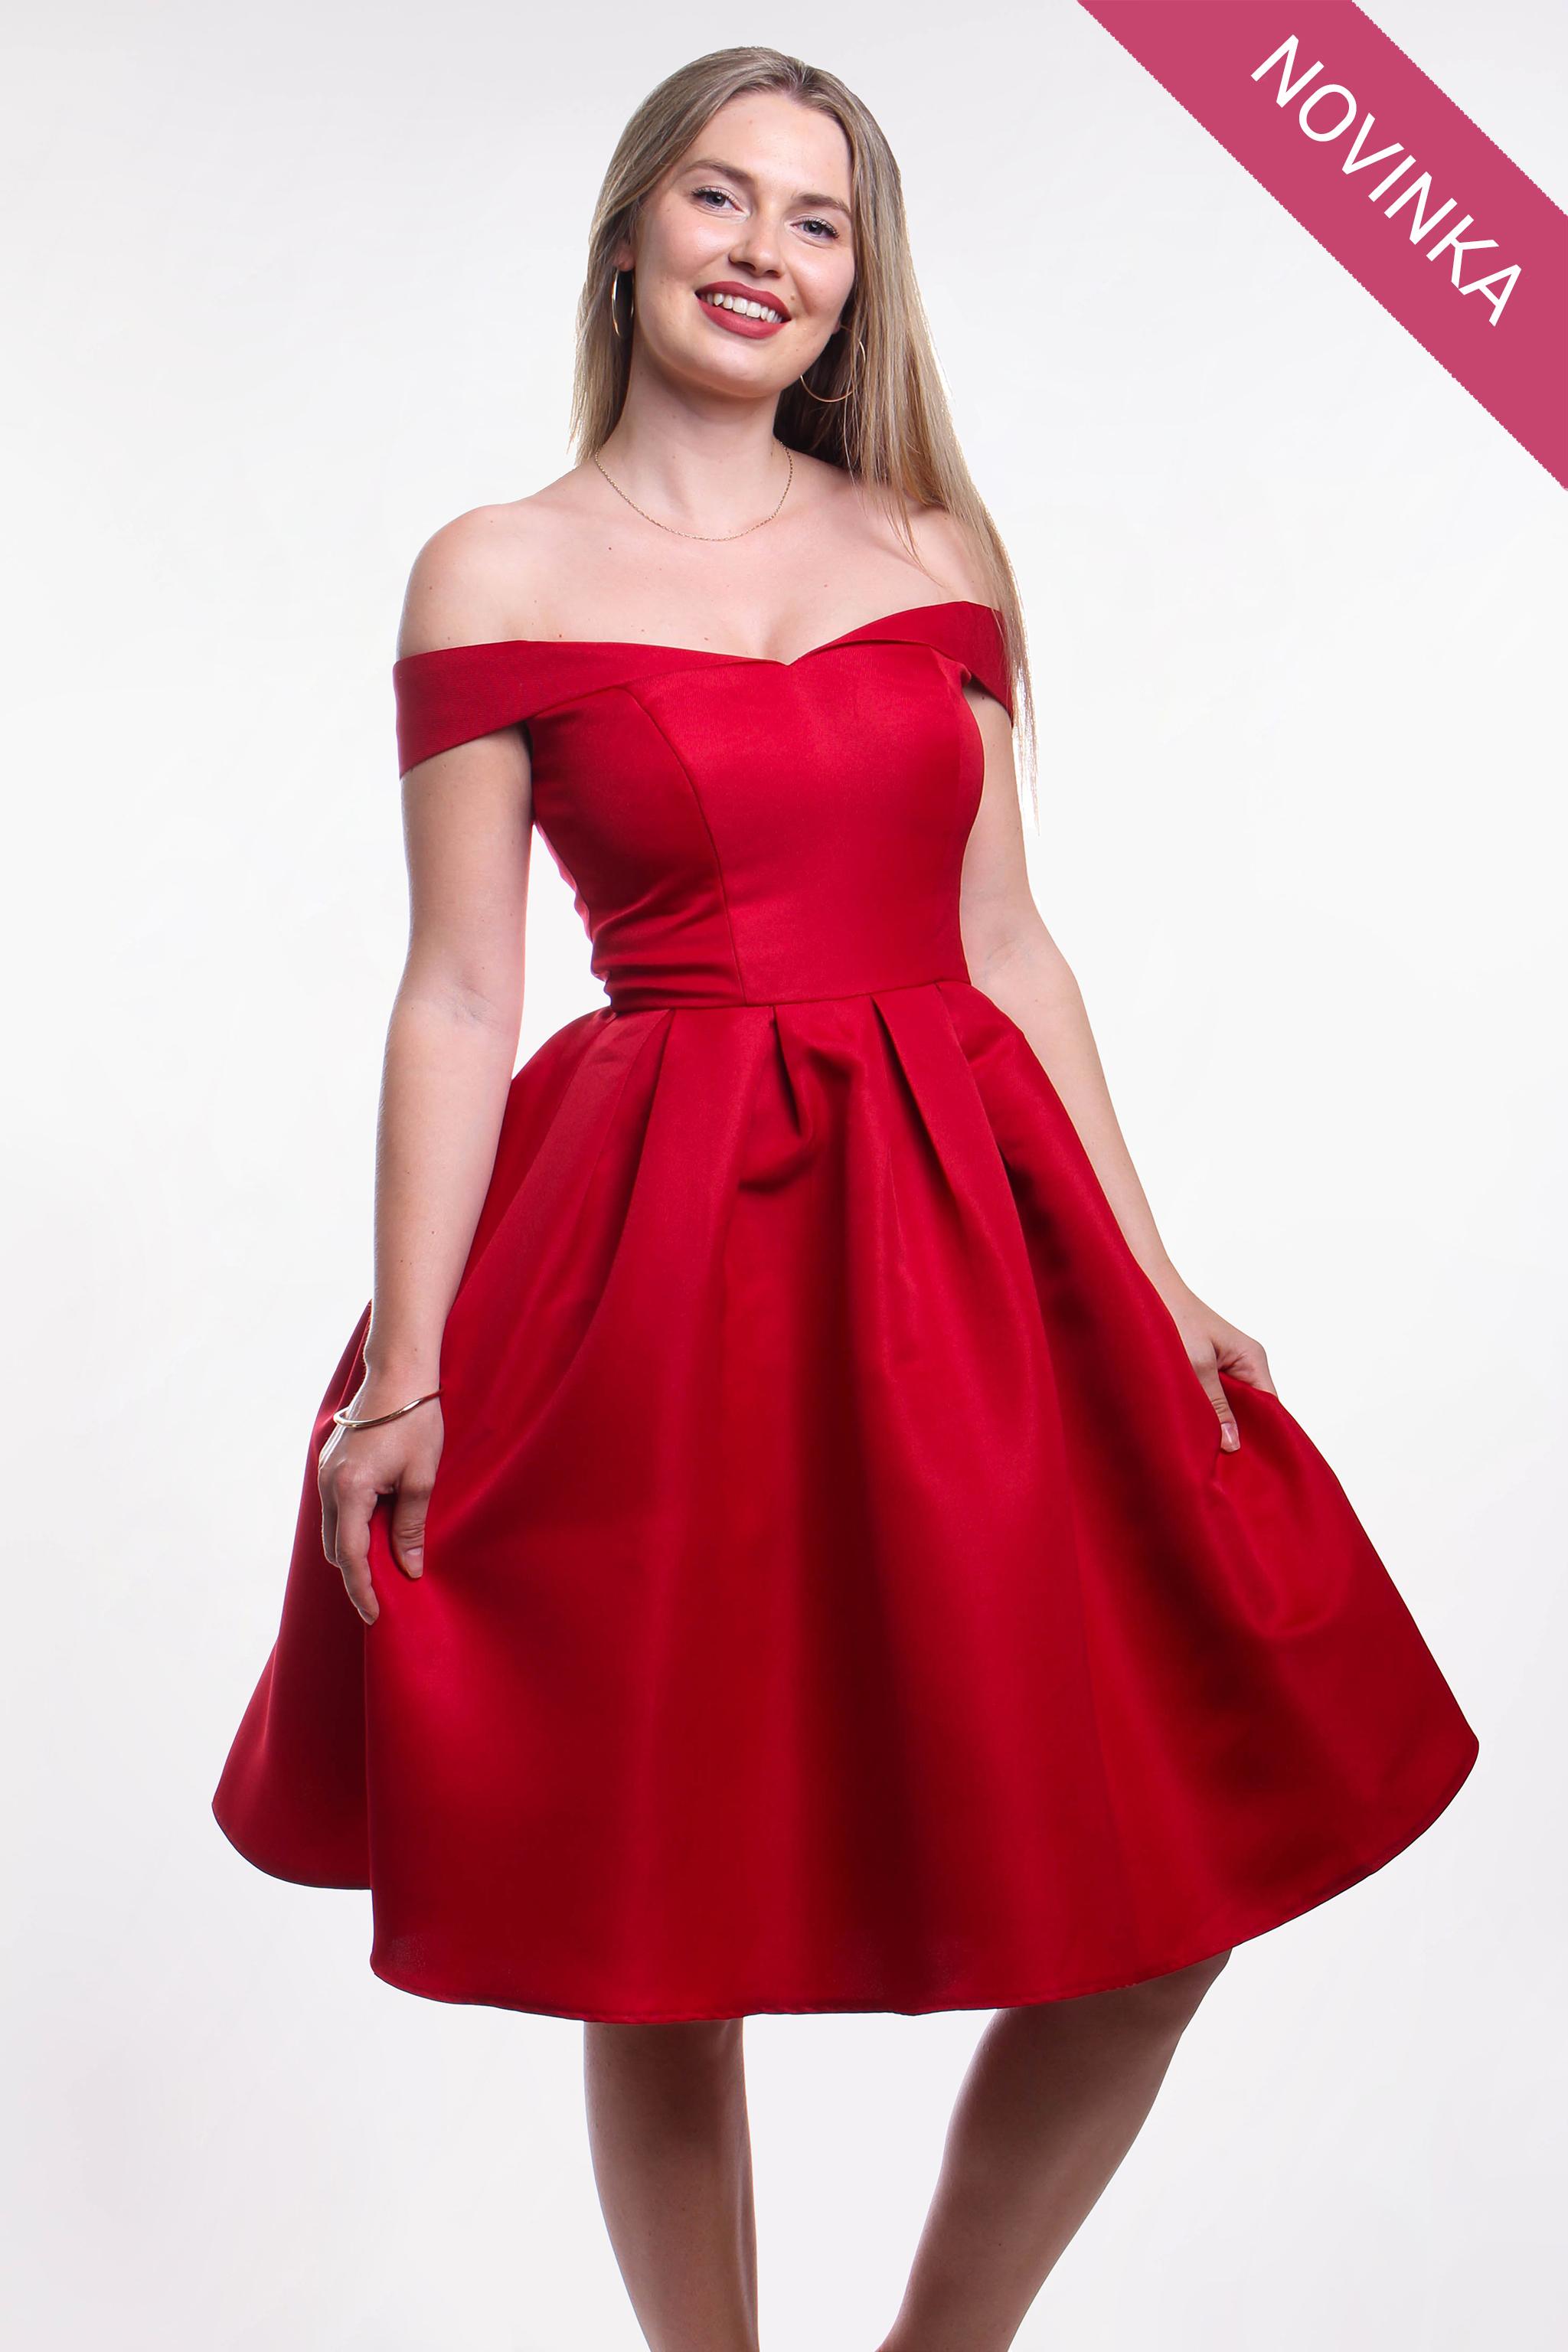 novinka Chi-Chi London červené šaty - Shaty 5c204d8970b